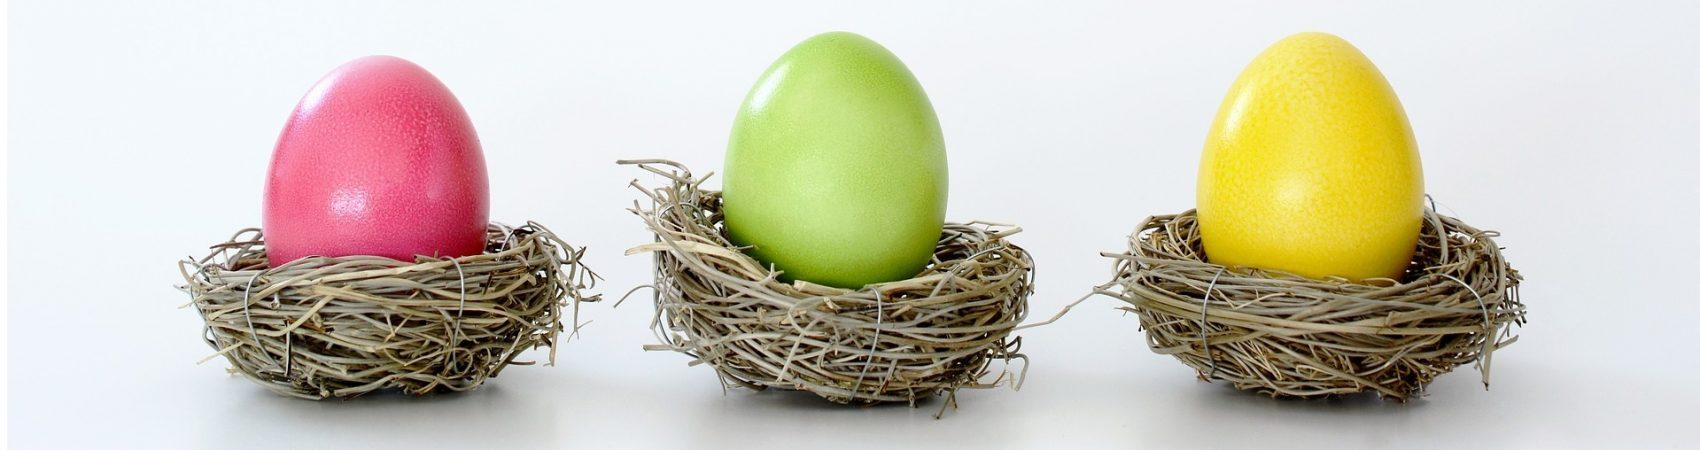 easter-nest-2164822_1920